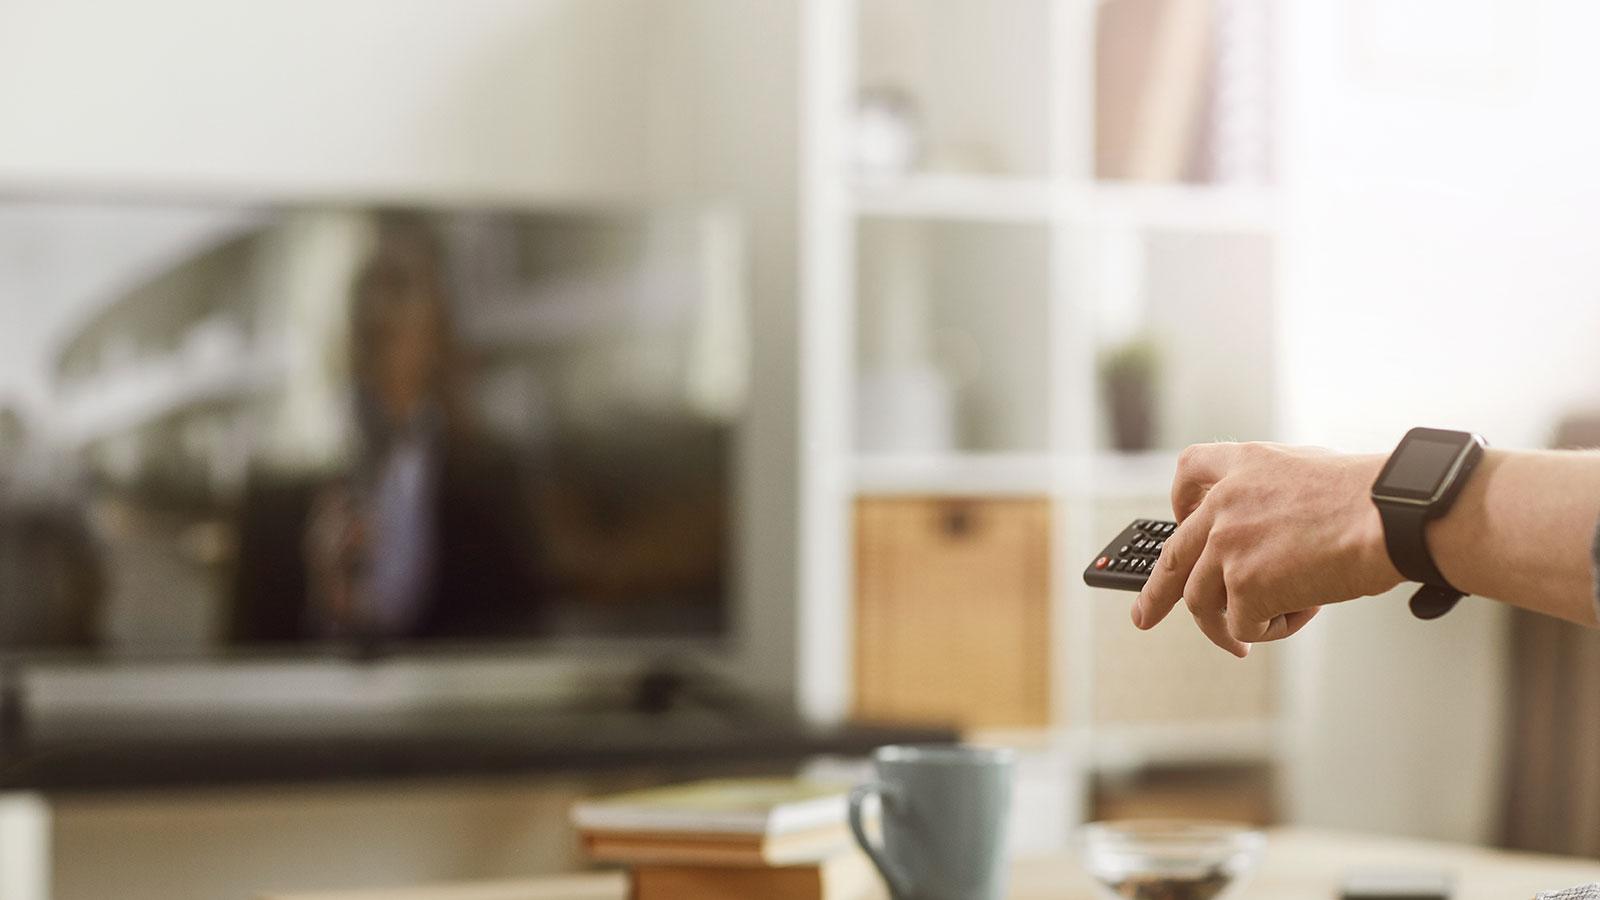 Entenda video on demand 4 - Entenda o que é vídeo on demand e qual é a sua aplicação